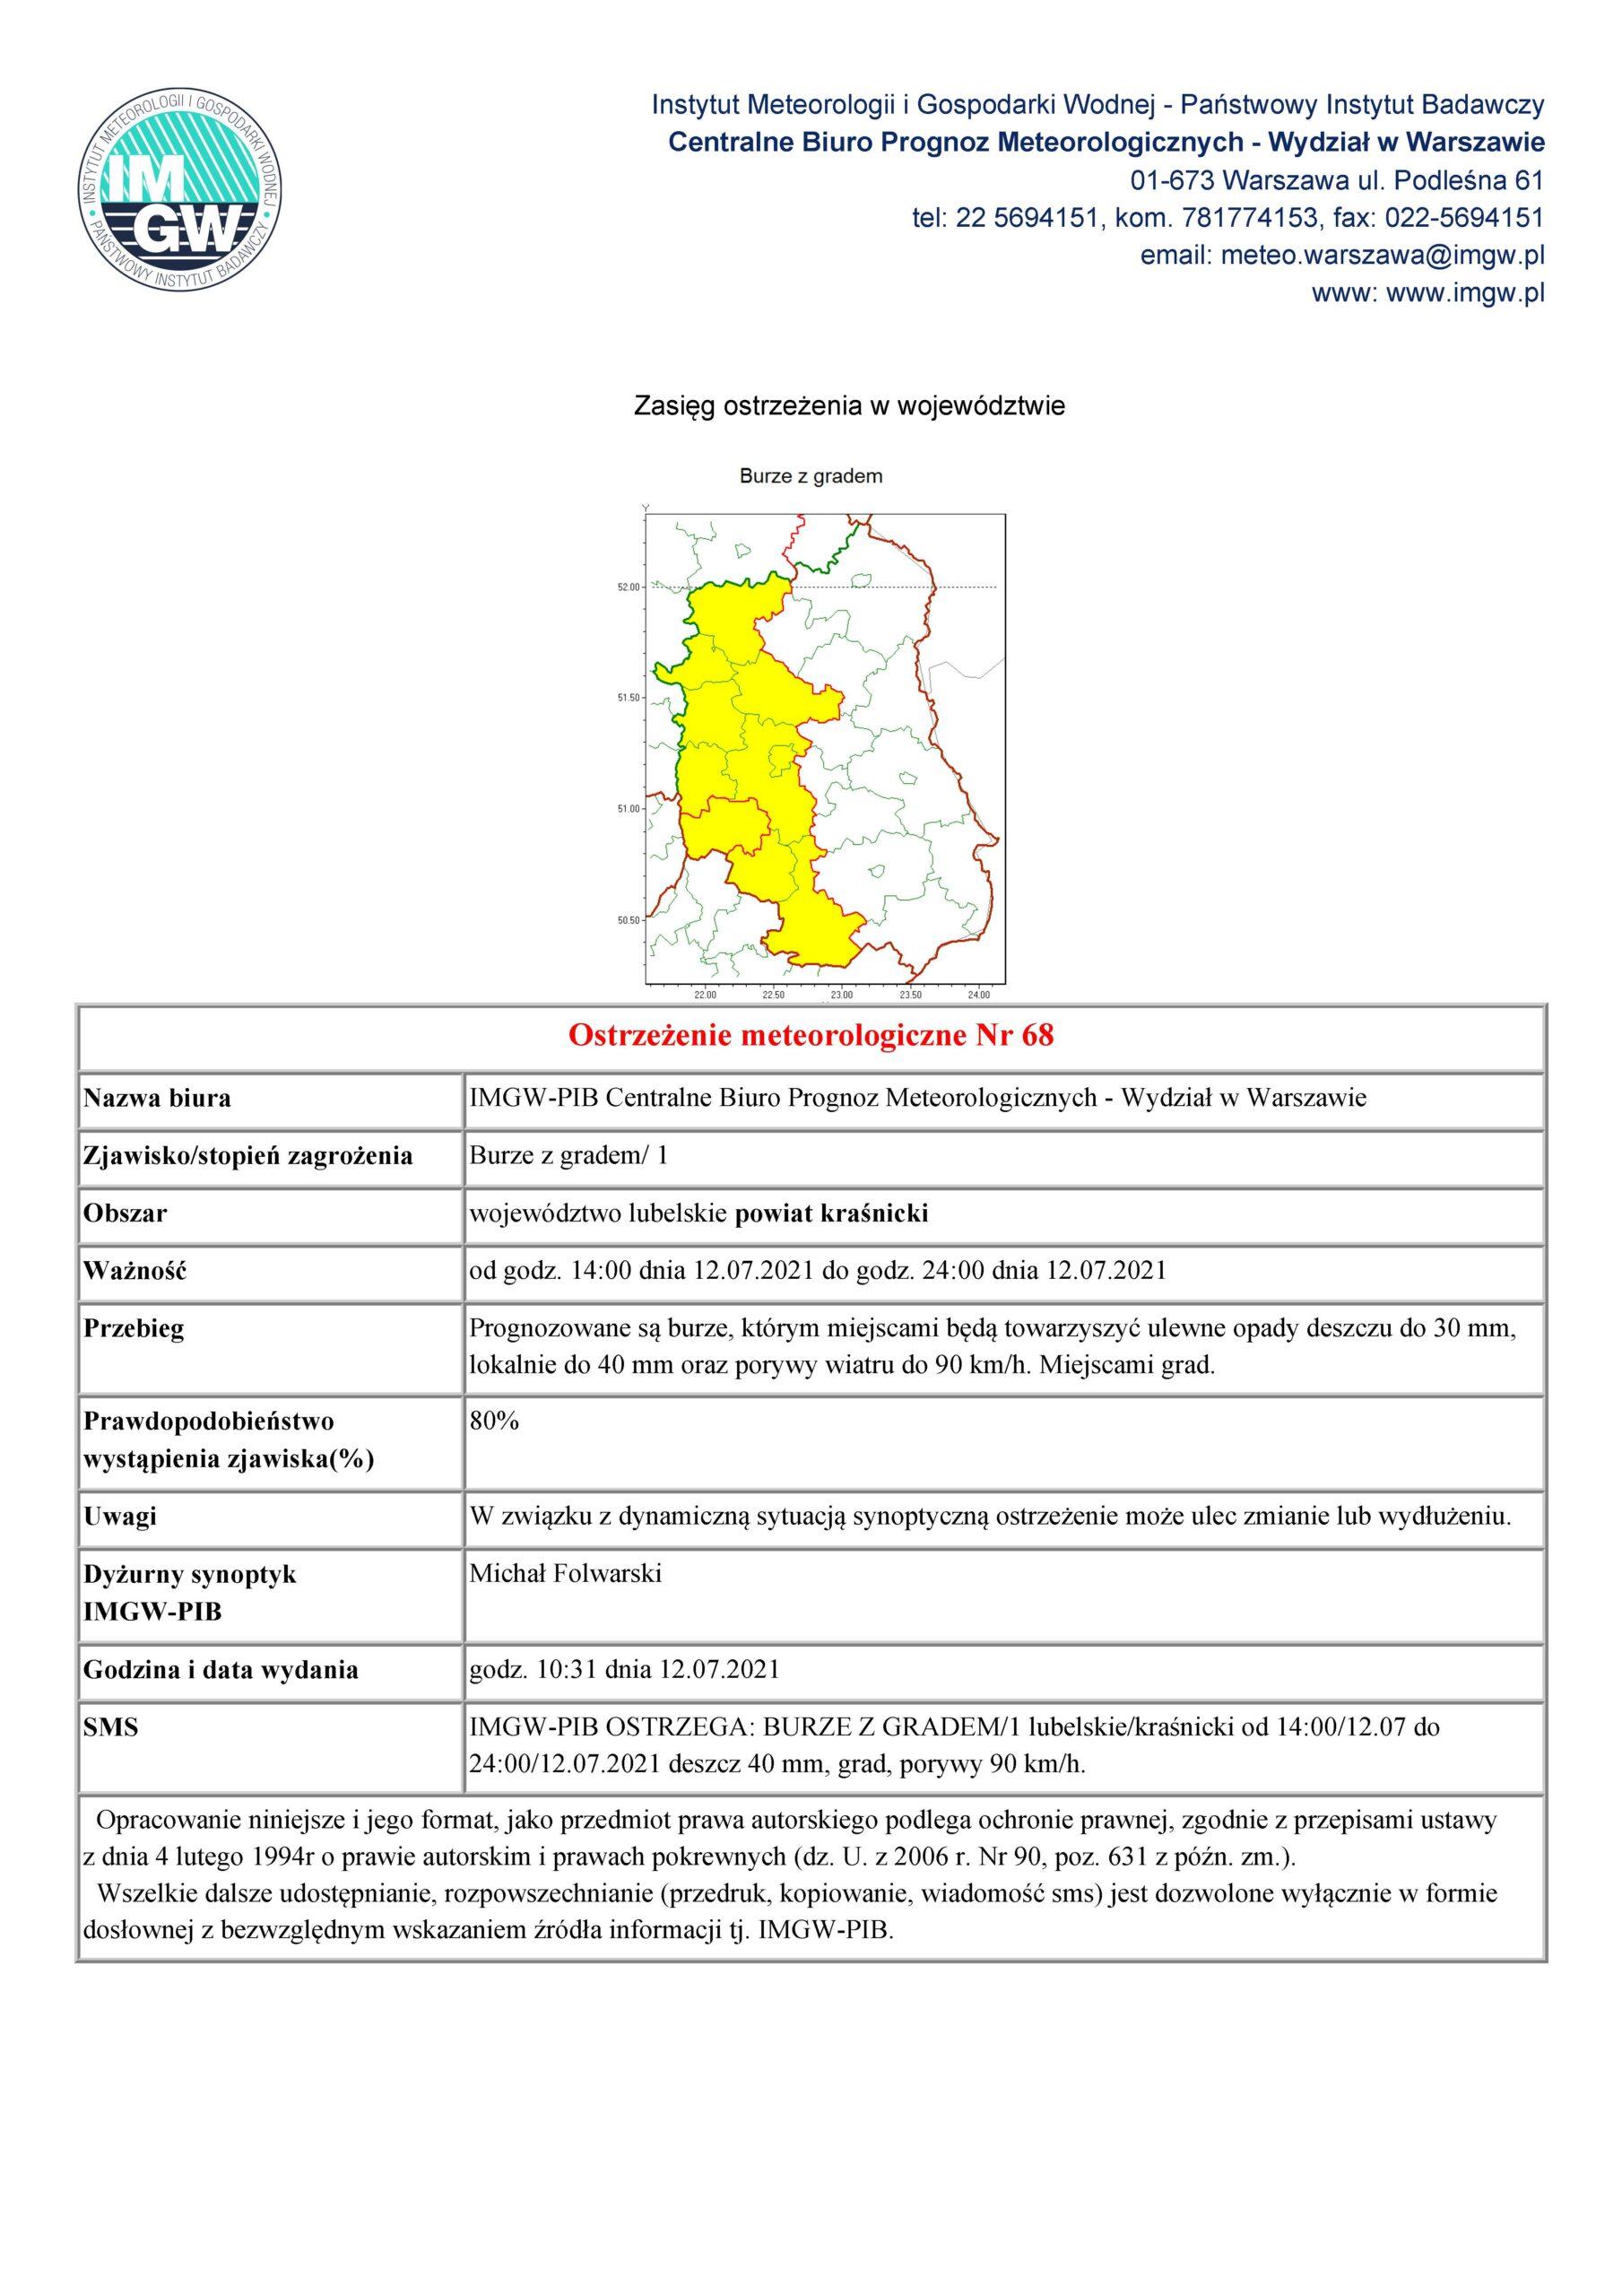 Ostrzeżenie meteorologiczne Nr 68 z dnia 12.07.2021 r.